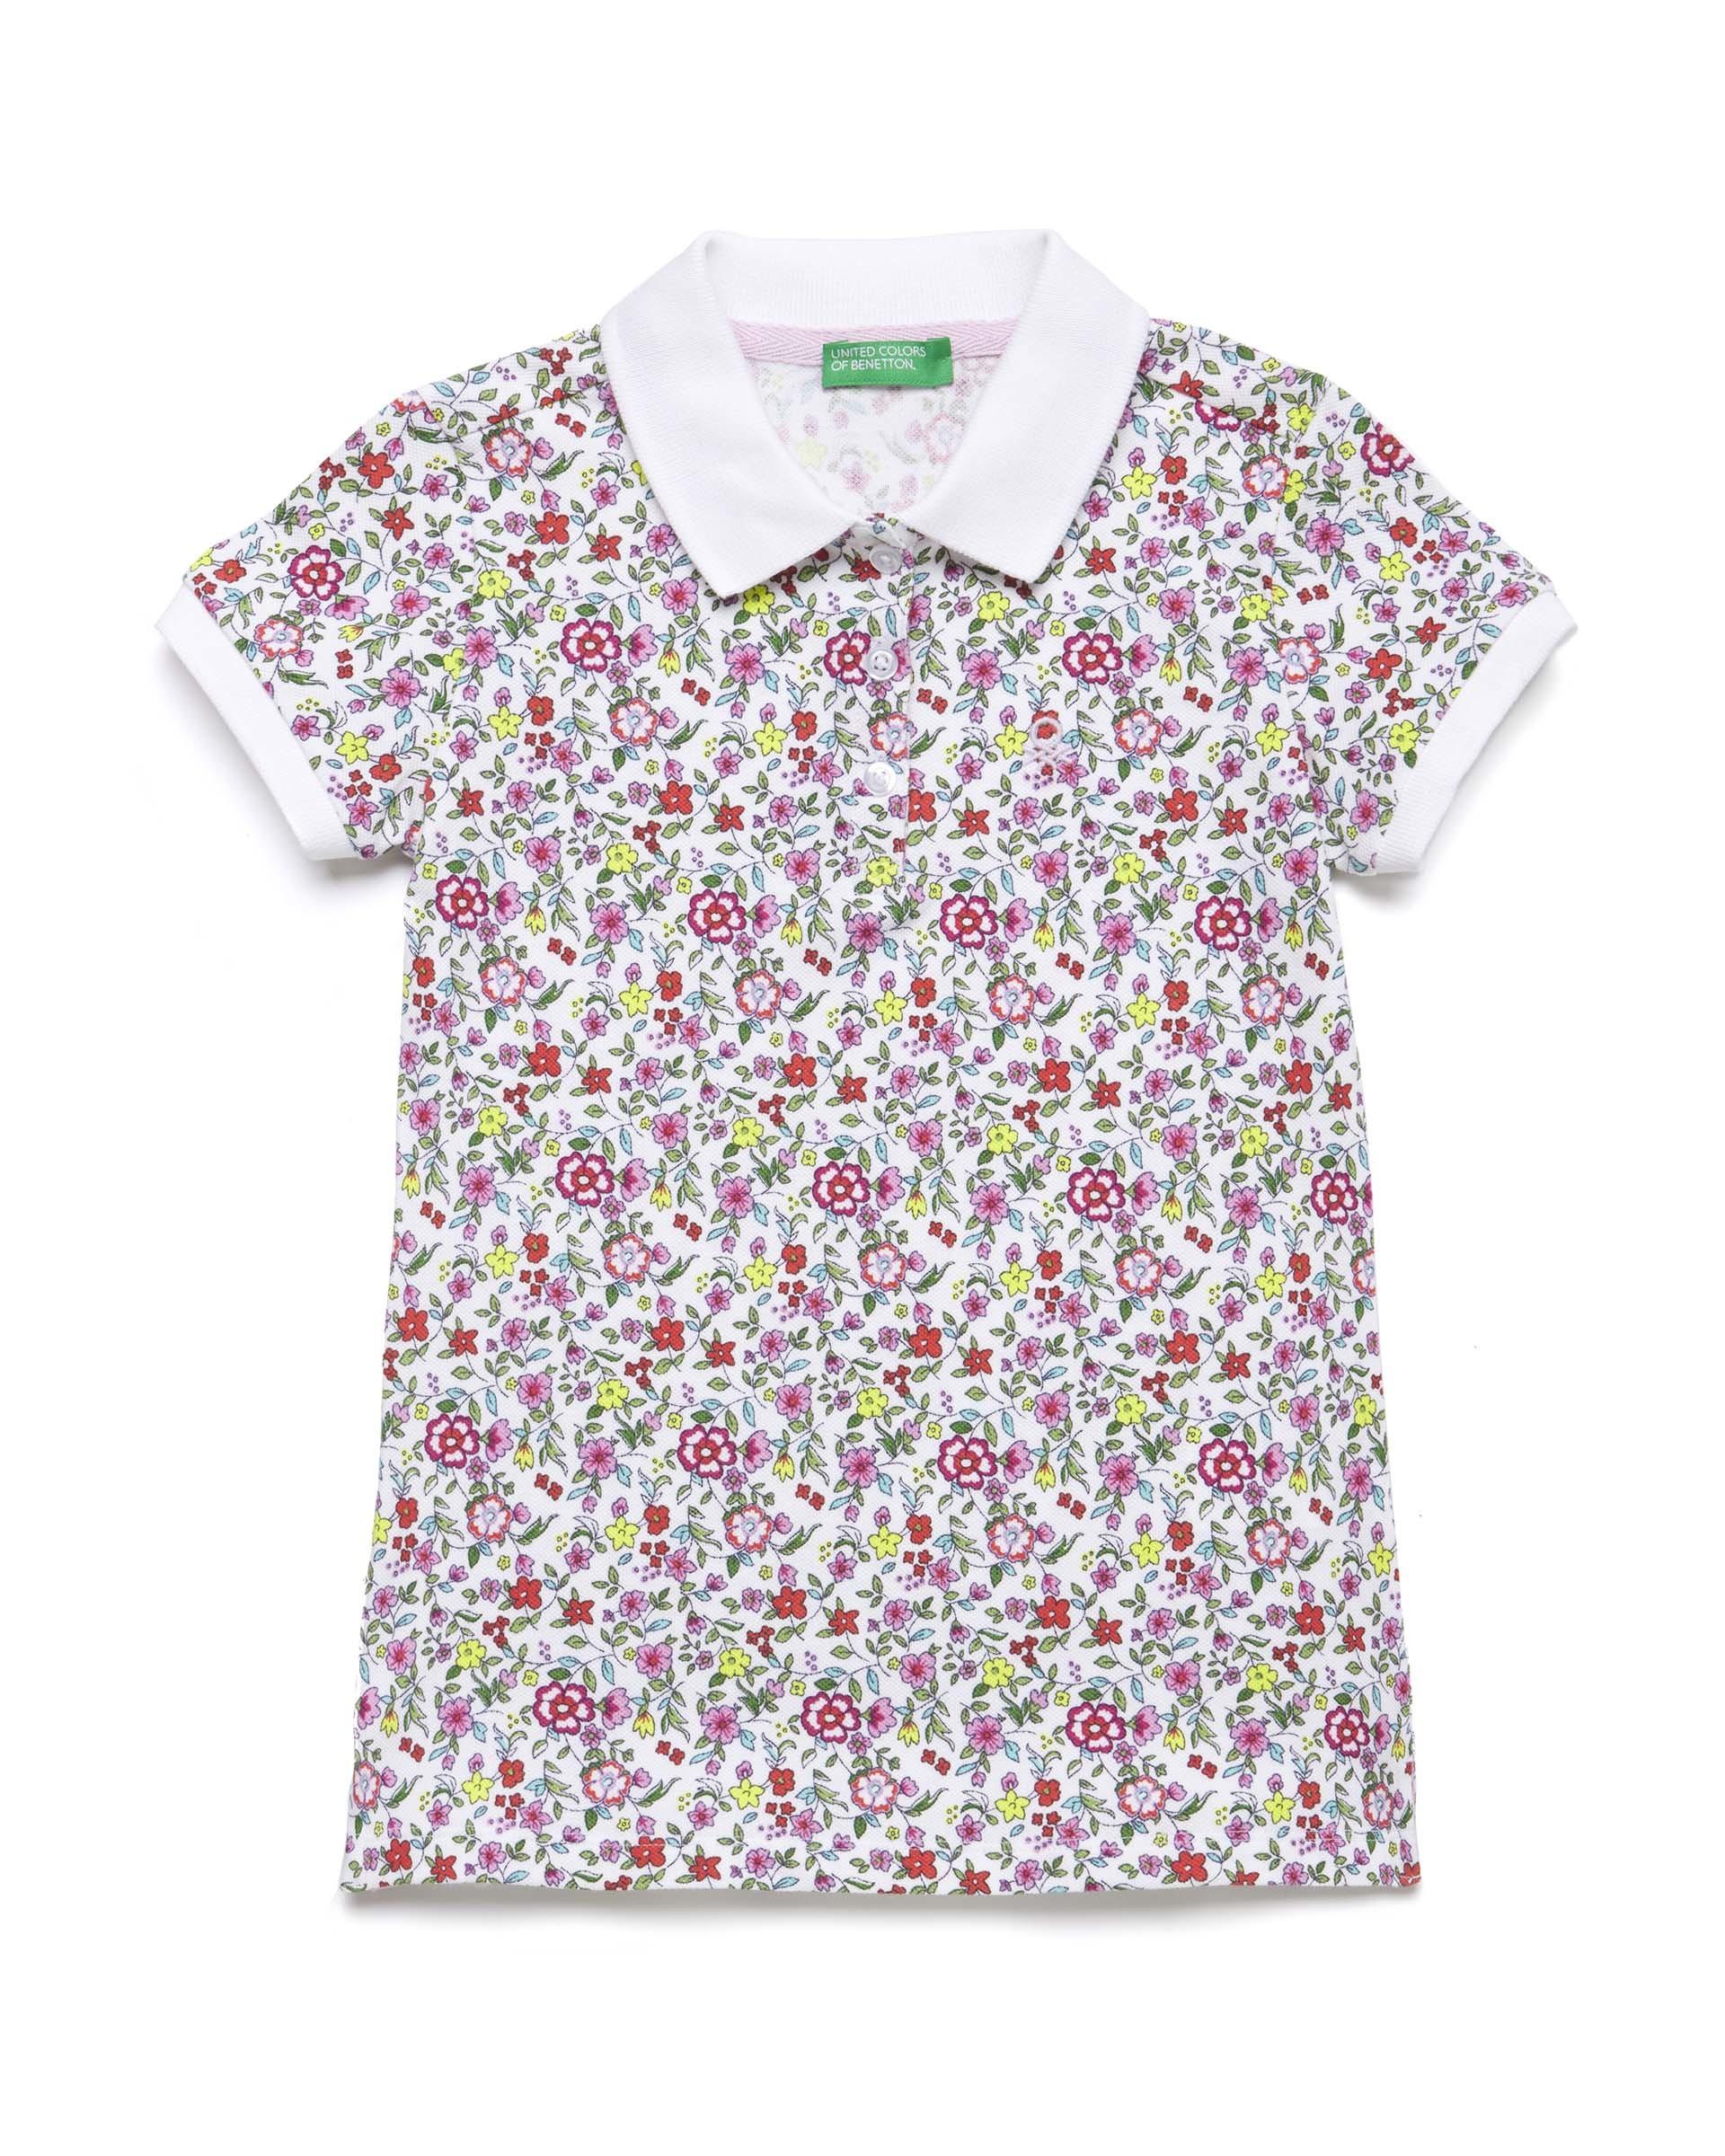 20P_3PK6C3126_69K, Поло-пике для девочек Benetton 3PK6C3126_69K р-р 110, United Colors of Benetton, Детские футболки  - купить со скидкой